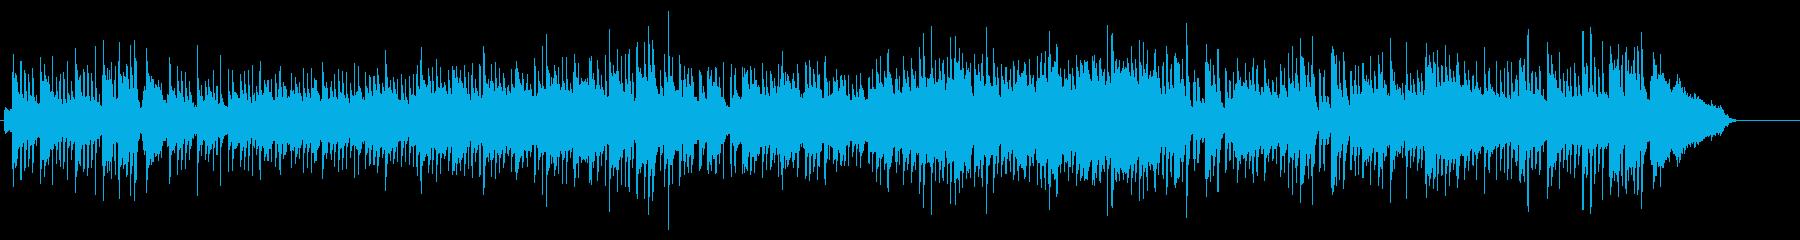 スタイリッシュなイージー・リスニング風の再生済みの波形